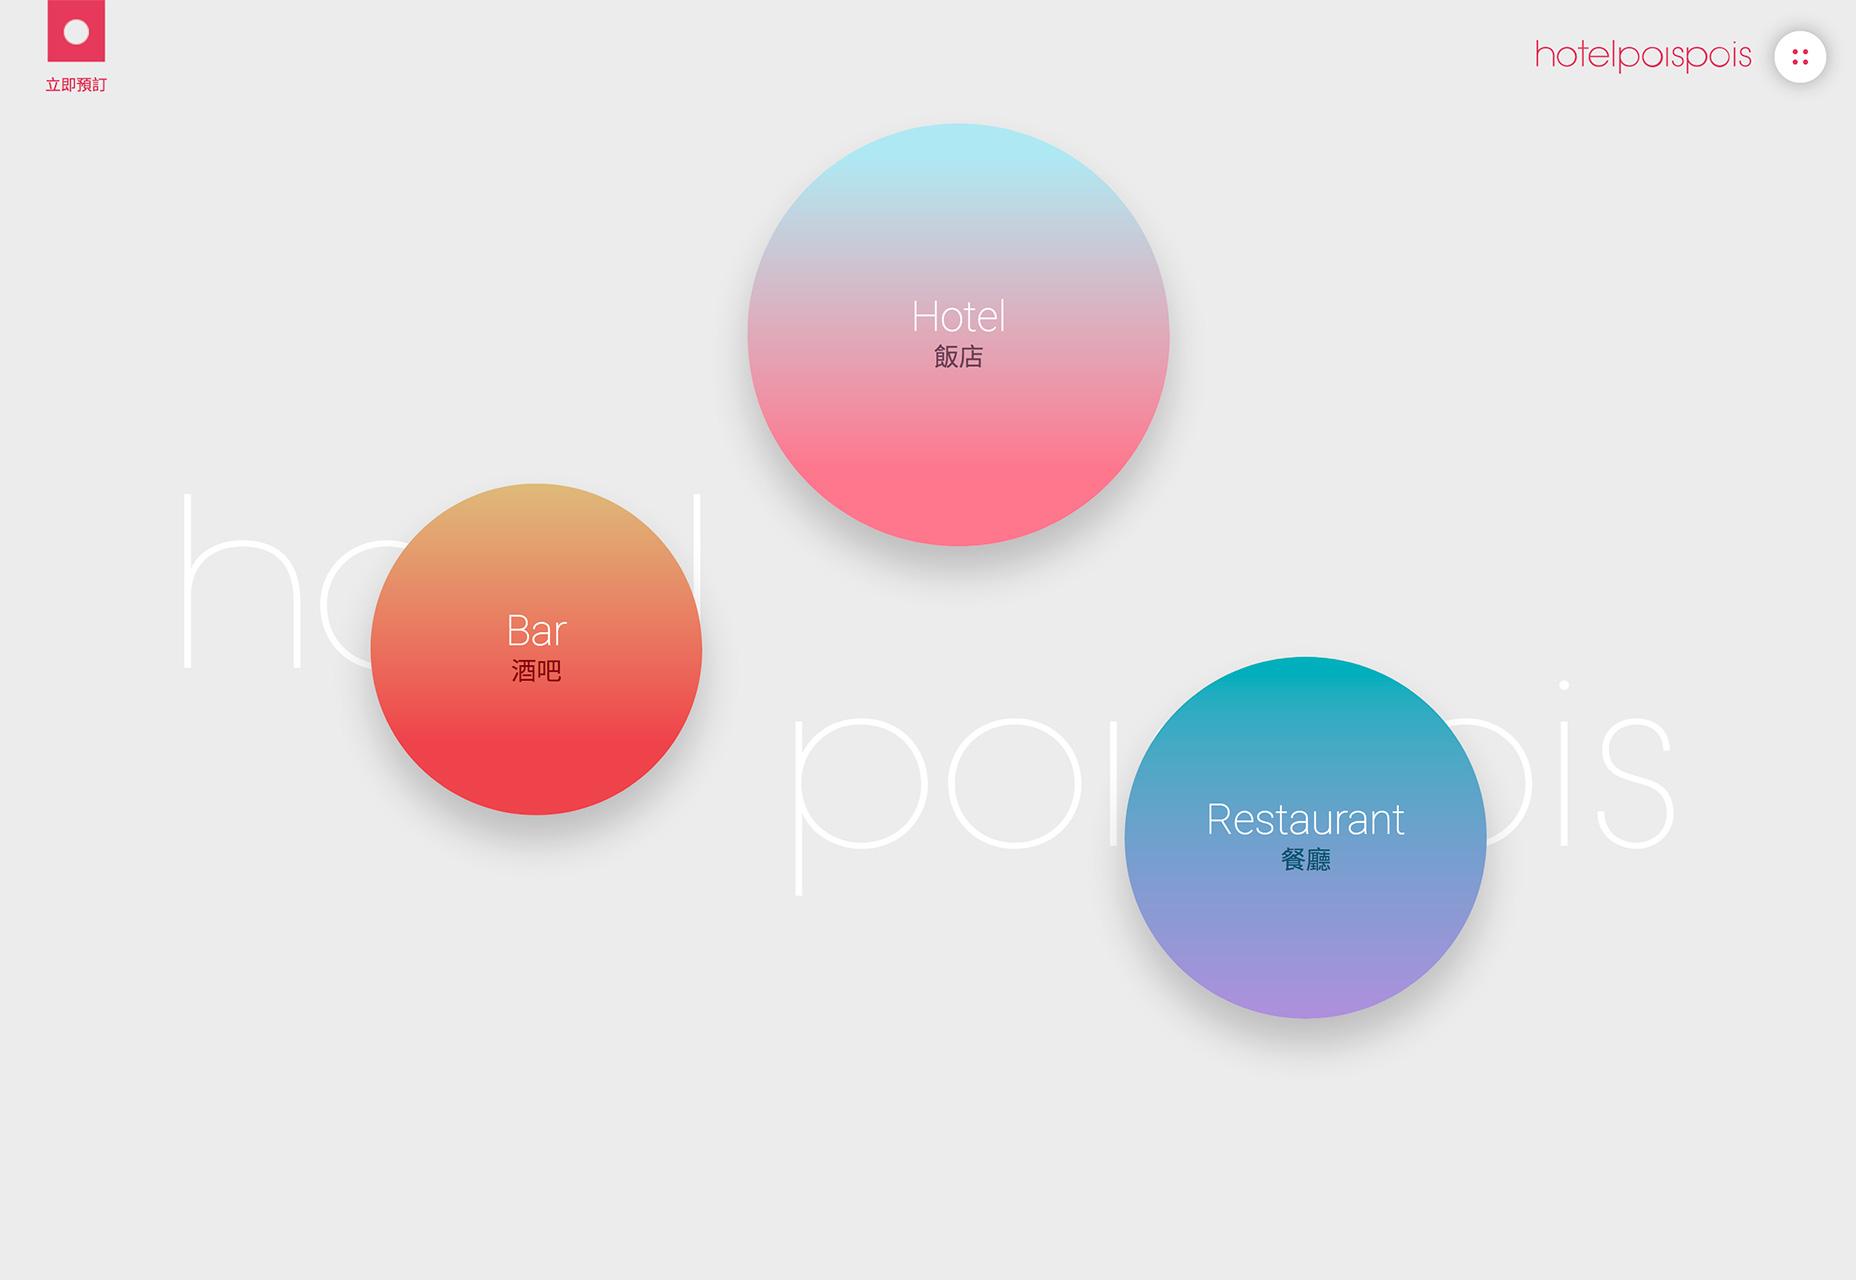 很多时候,设计趋势并不会表现的那么明显,甚至你看到它们也不一定会注意到。但是它们也是客观存在的。通过整个一月份的观察和总结,我们认为接下来的一个月当中,圆形元素、分屏式布局和深色背景+浅色文本会成为流行的网页设计元素。<br/>